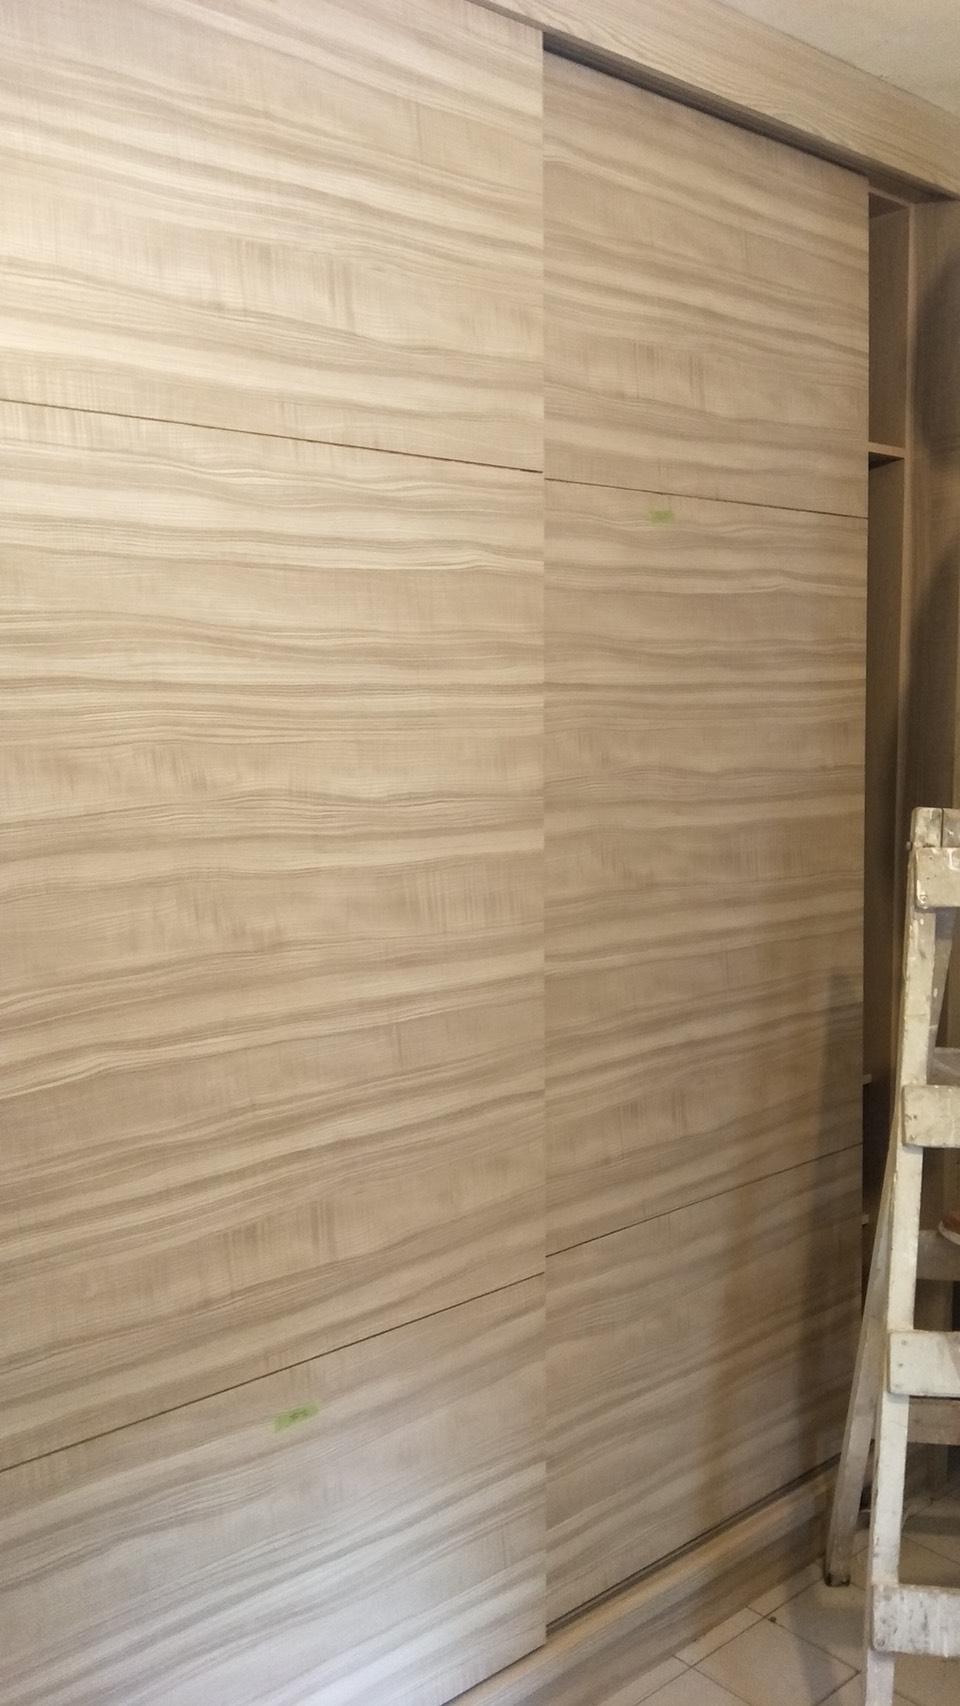 台北市住家室內裝潢衣櫃系統櫃木工 (24)